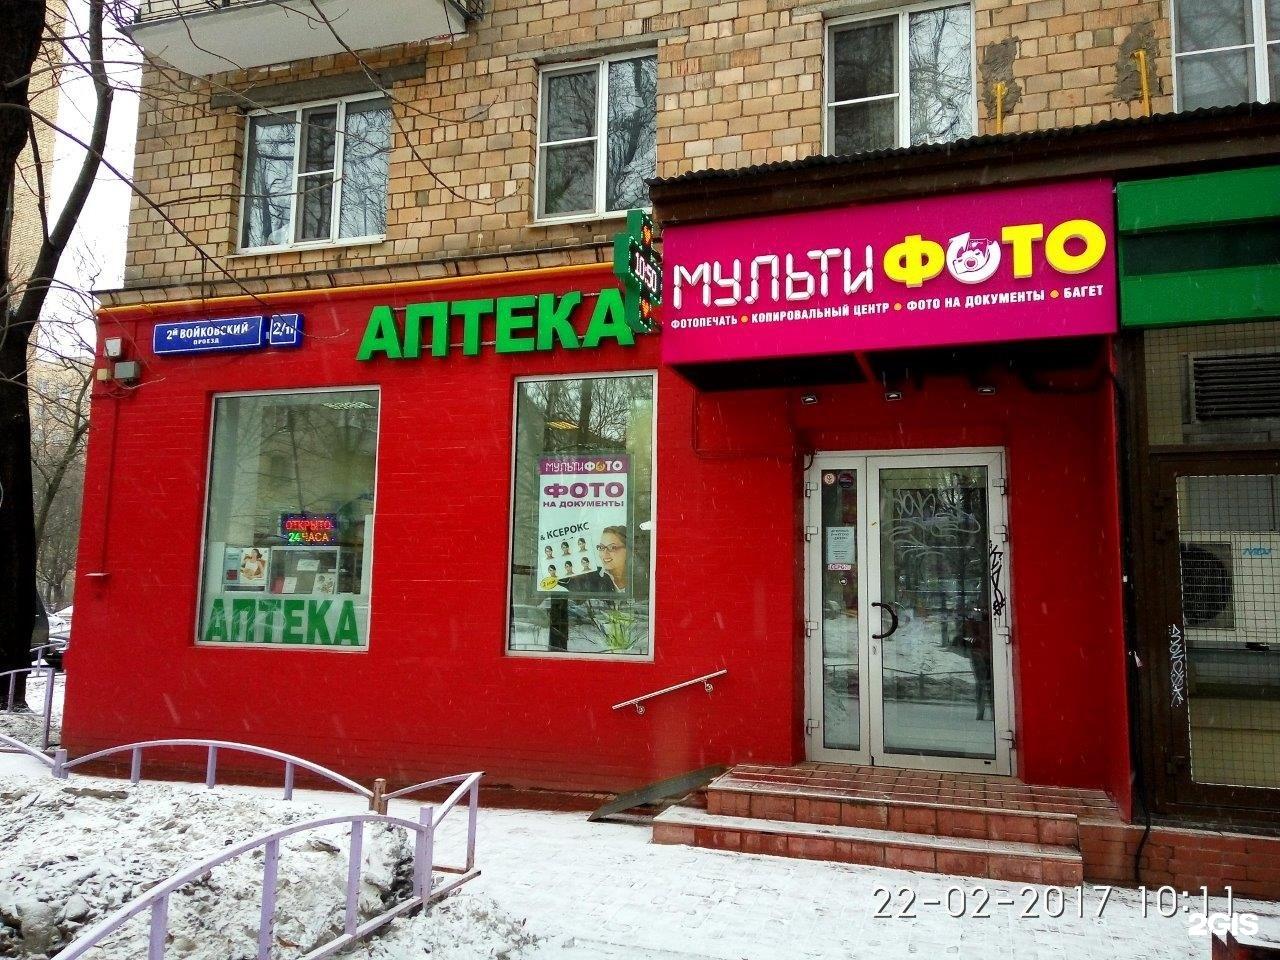 открытом мультифото войковская отзывы стоимость питания